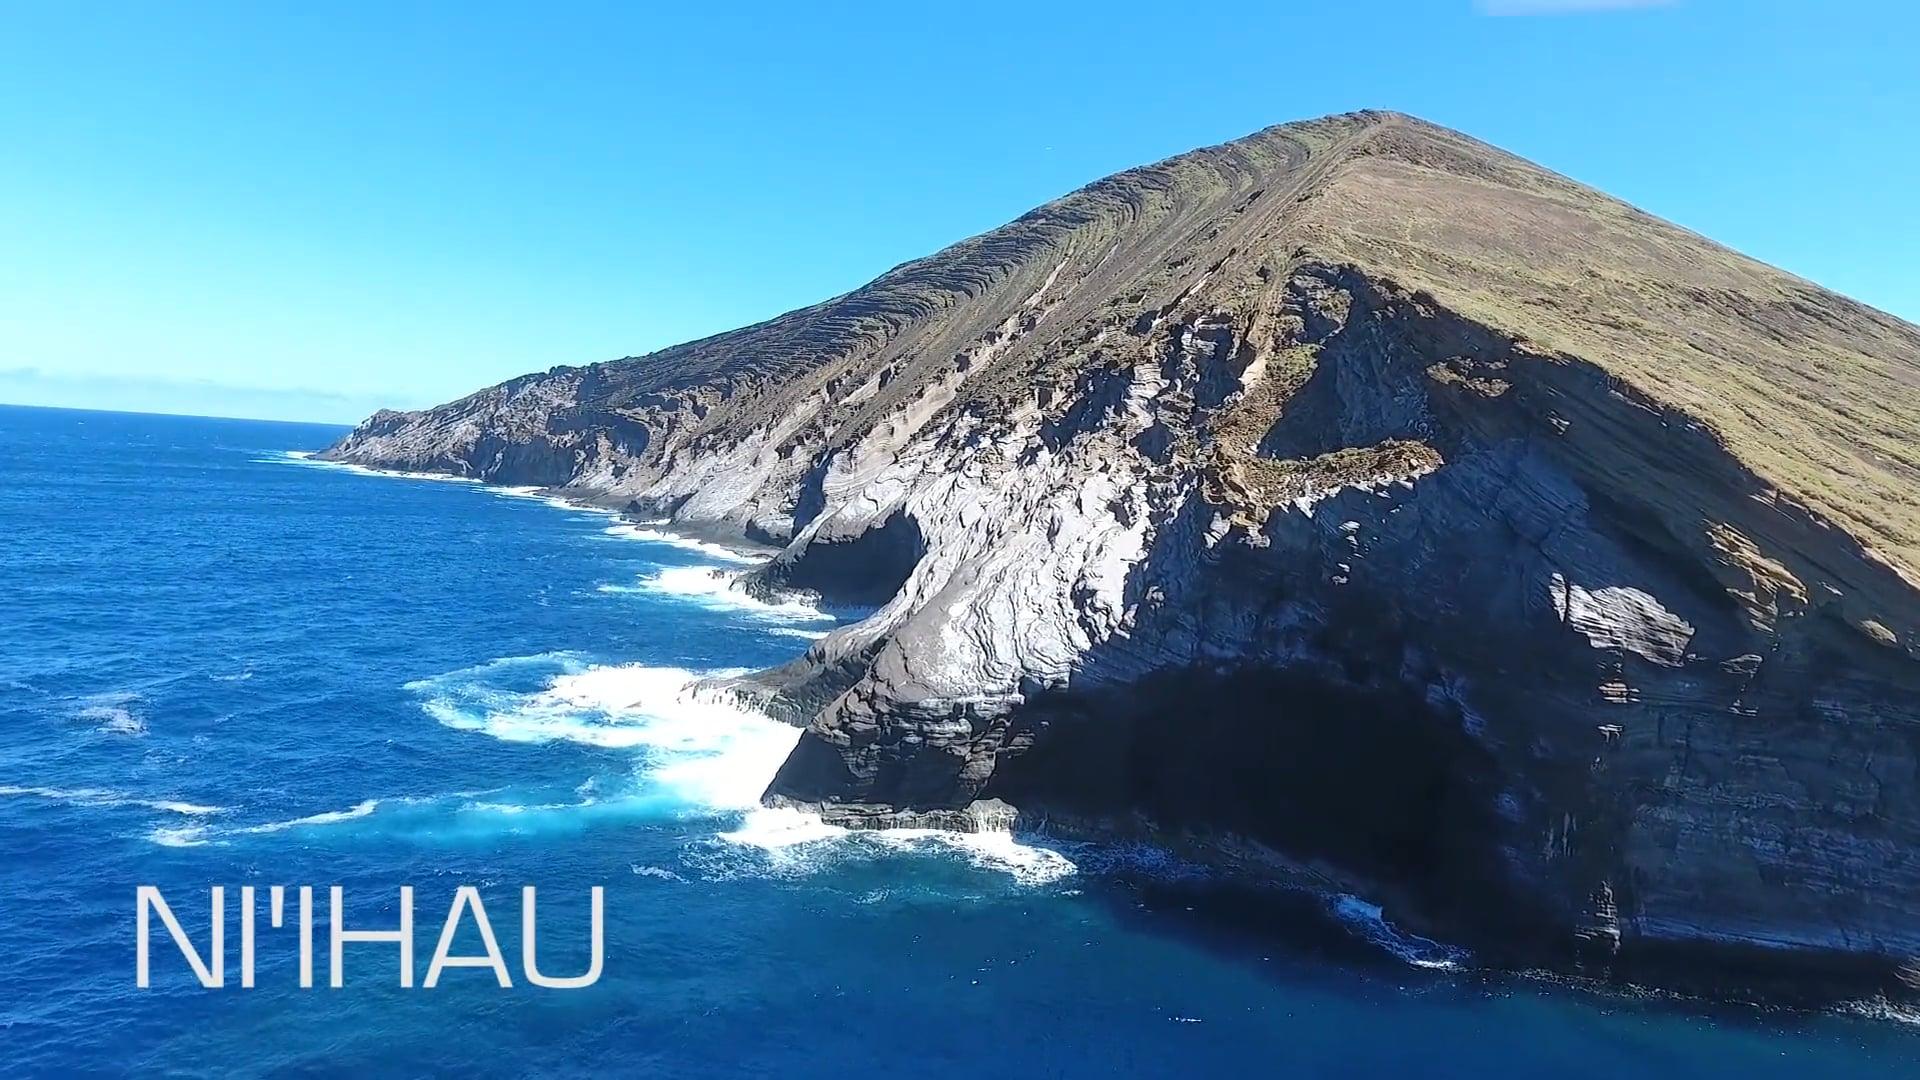 The Forbidden Island - Niihau